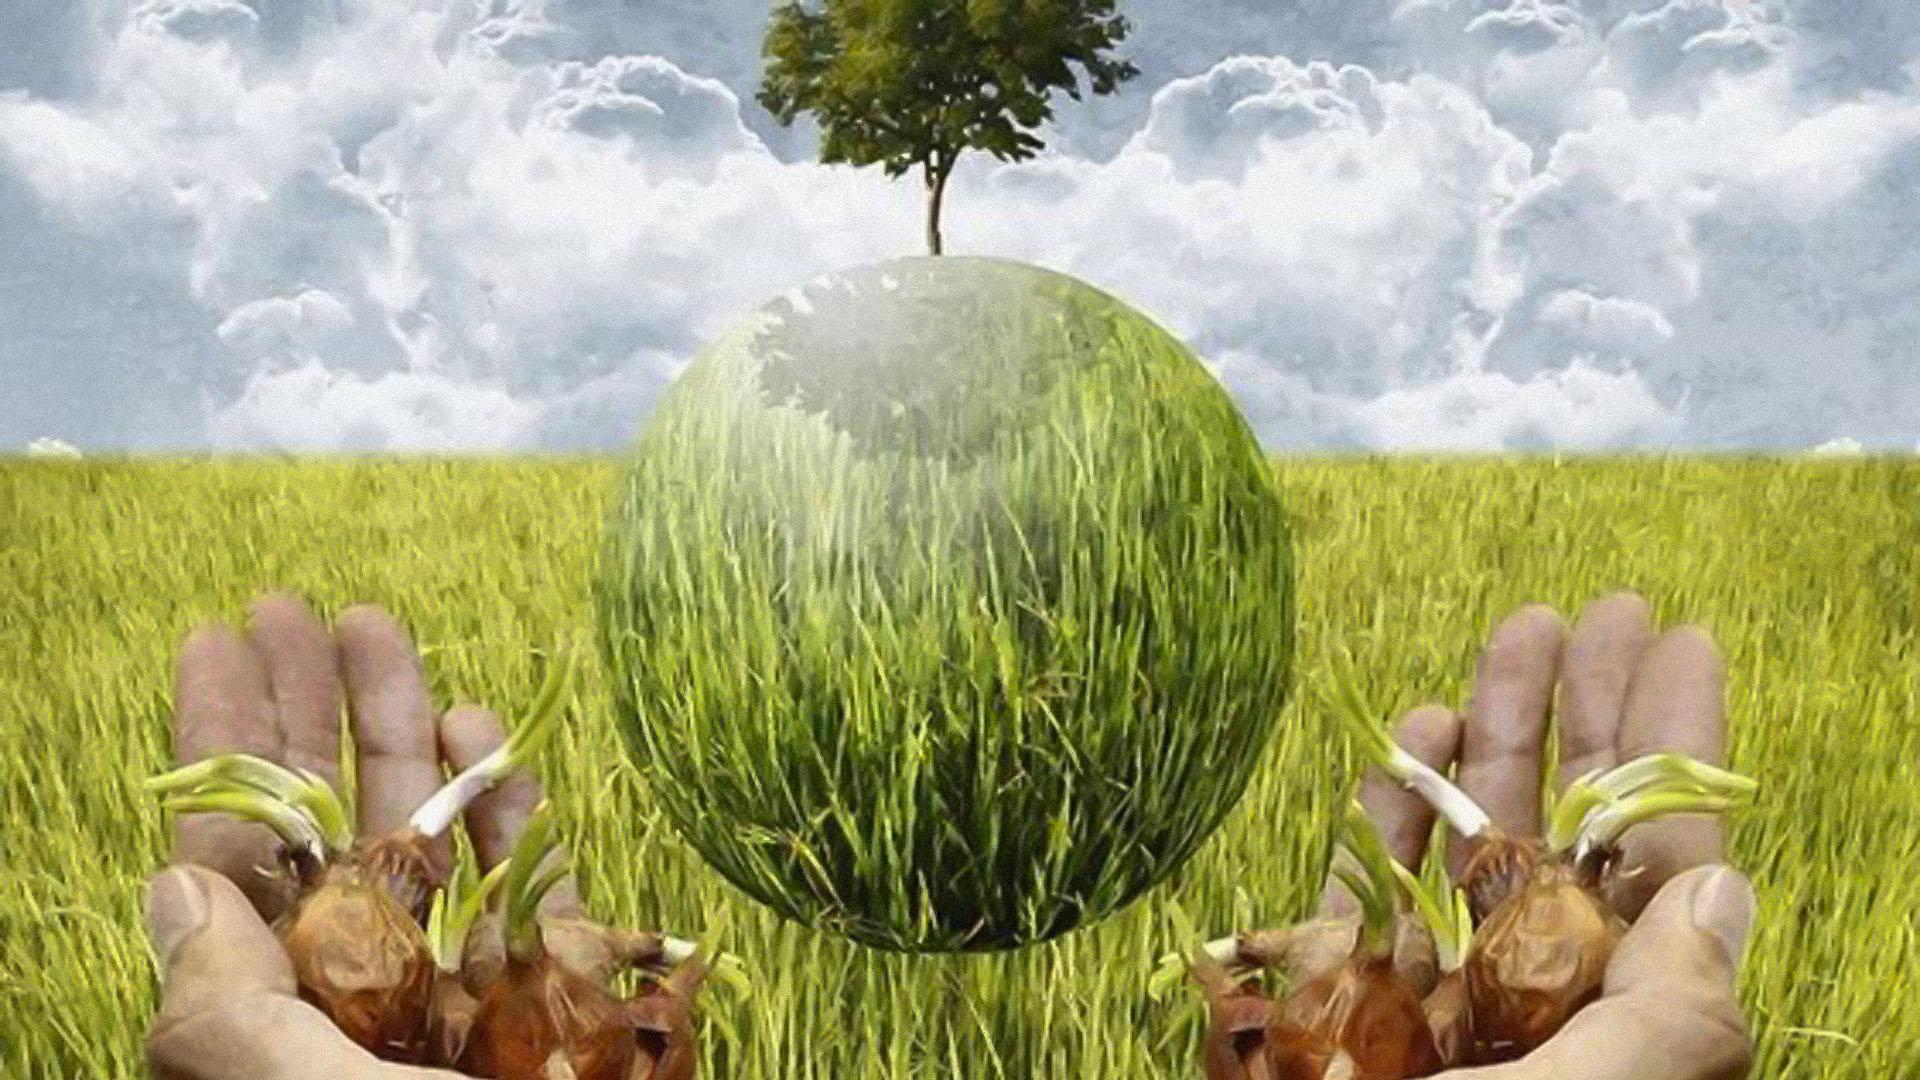 Potpore obiteljskim poljoprivrednim gospodarstvima